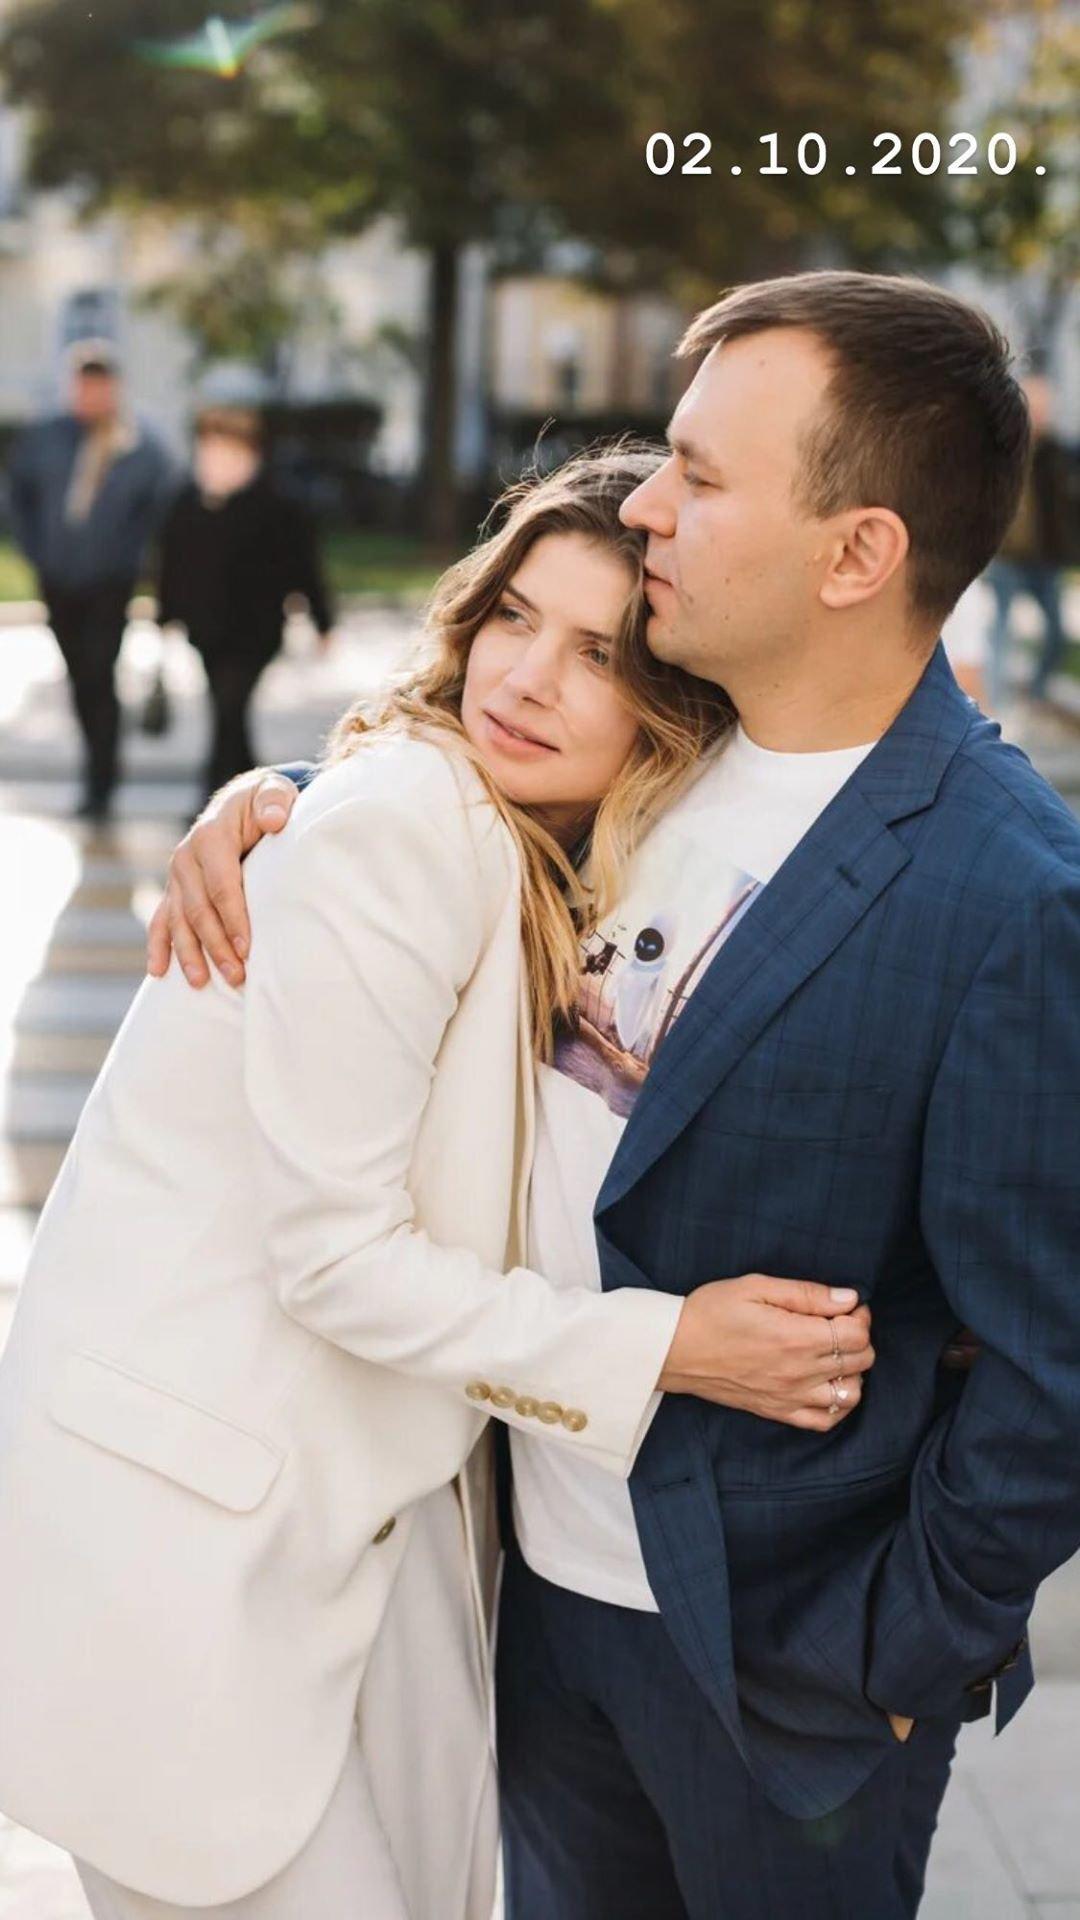 Настя Задорожная вышла замуж